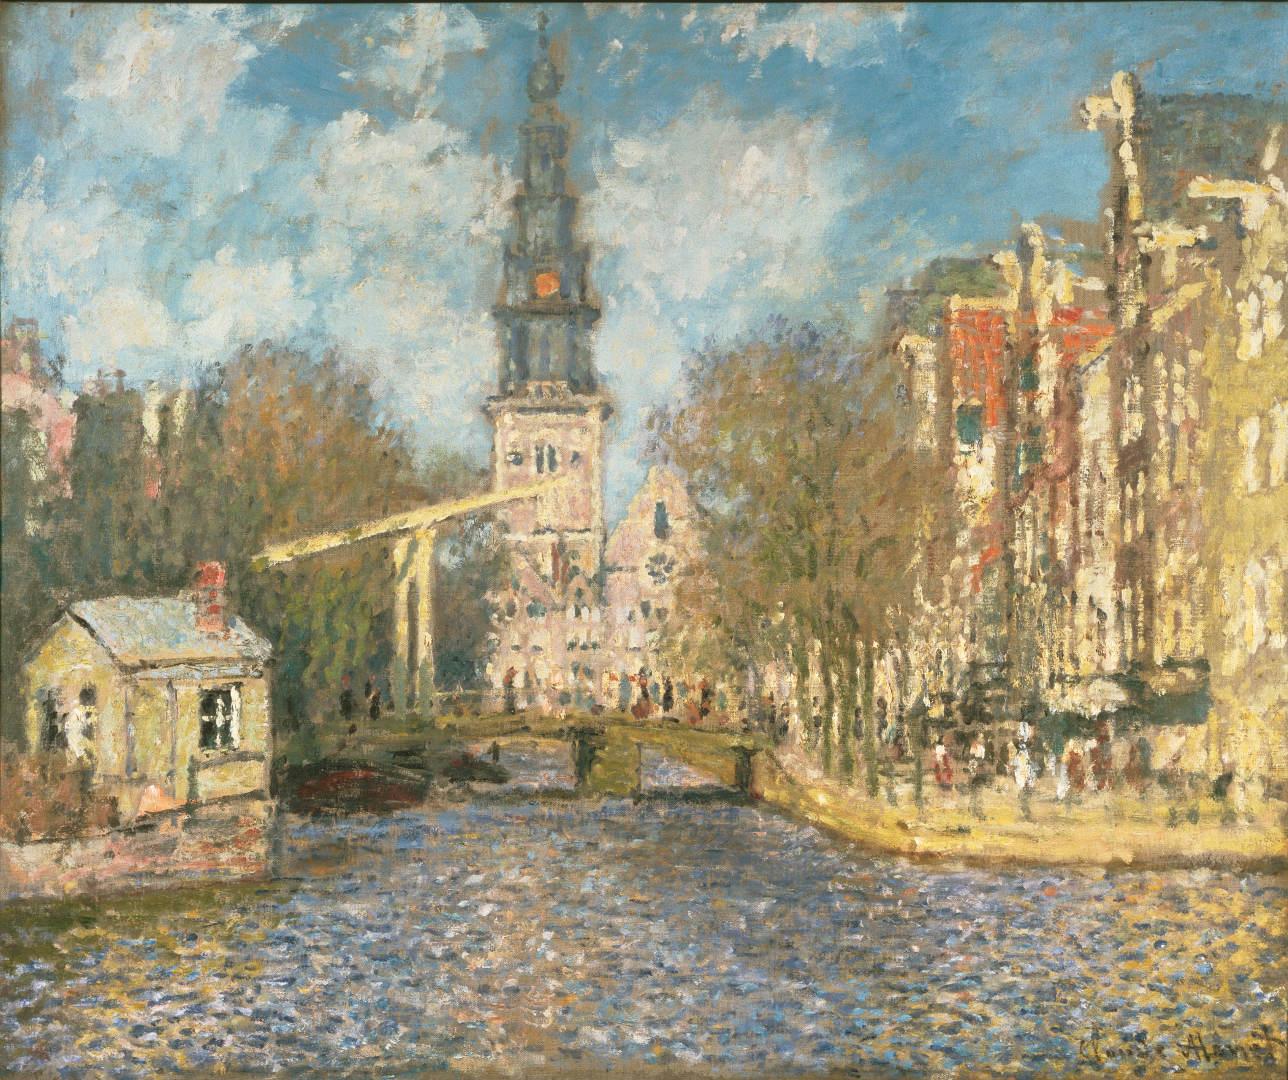 Claude Monet, La Zuiderkerk di Amsterdam (1874 circa; olio su tela, 54,4 x 65,4 cm; Filadelfia, Philadelphia Museum of Art)